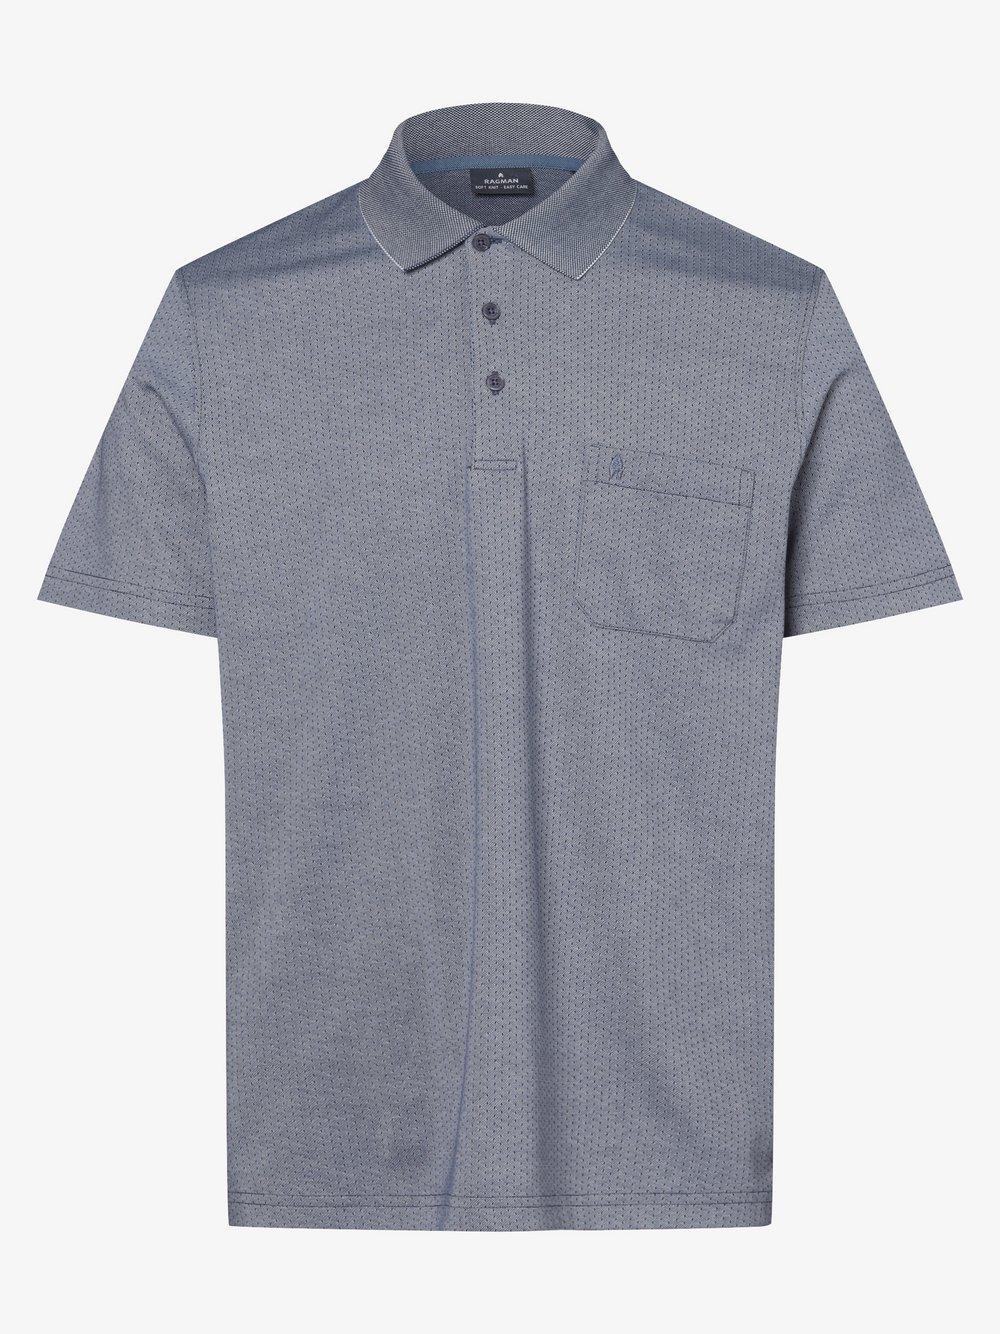 Ragman – Męska koszulka polo, niebieski Van Graaf 467737-0002-09920